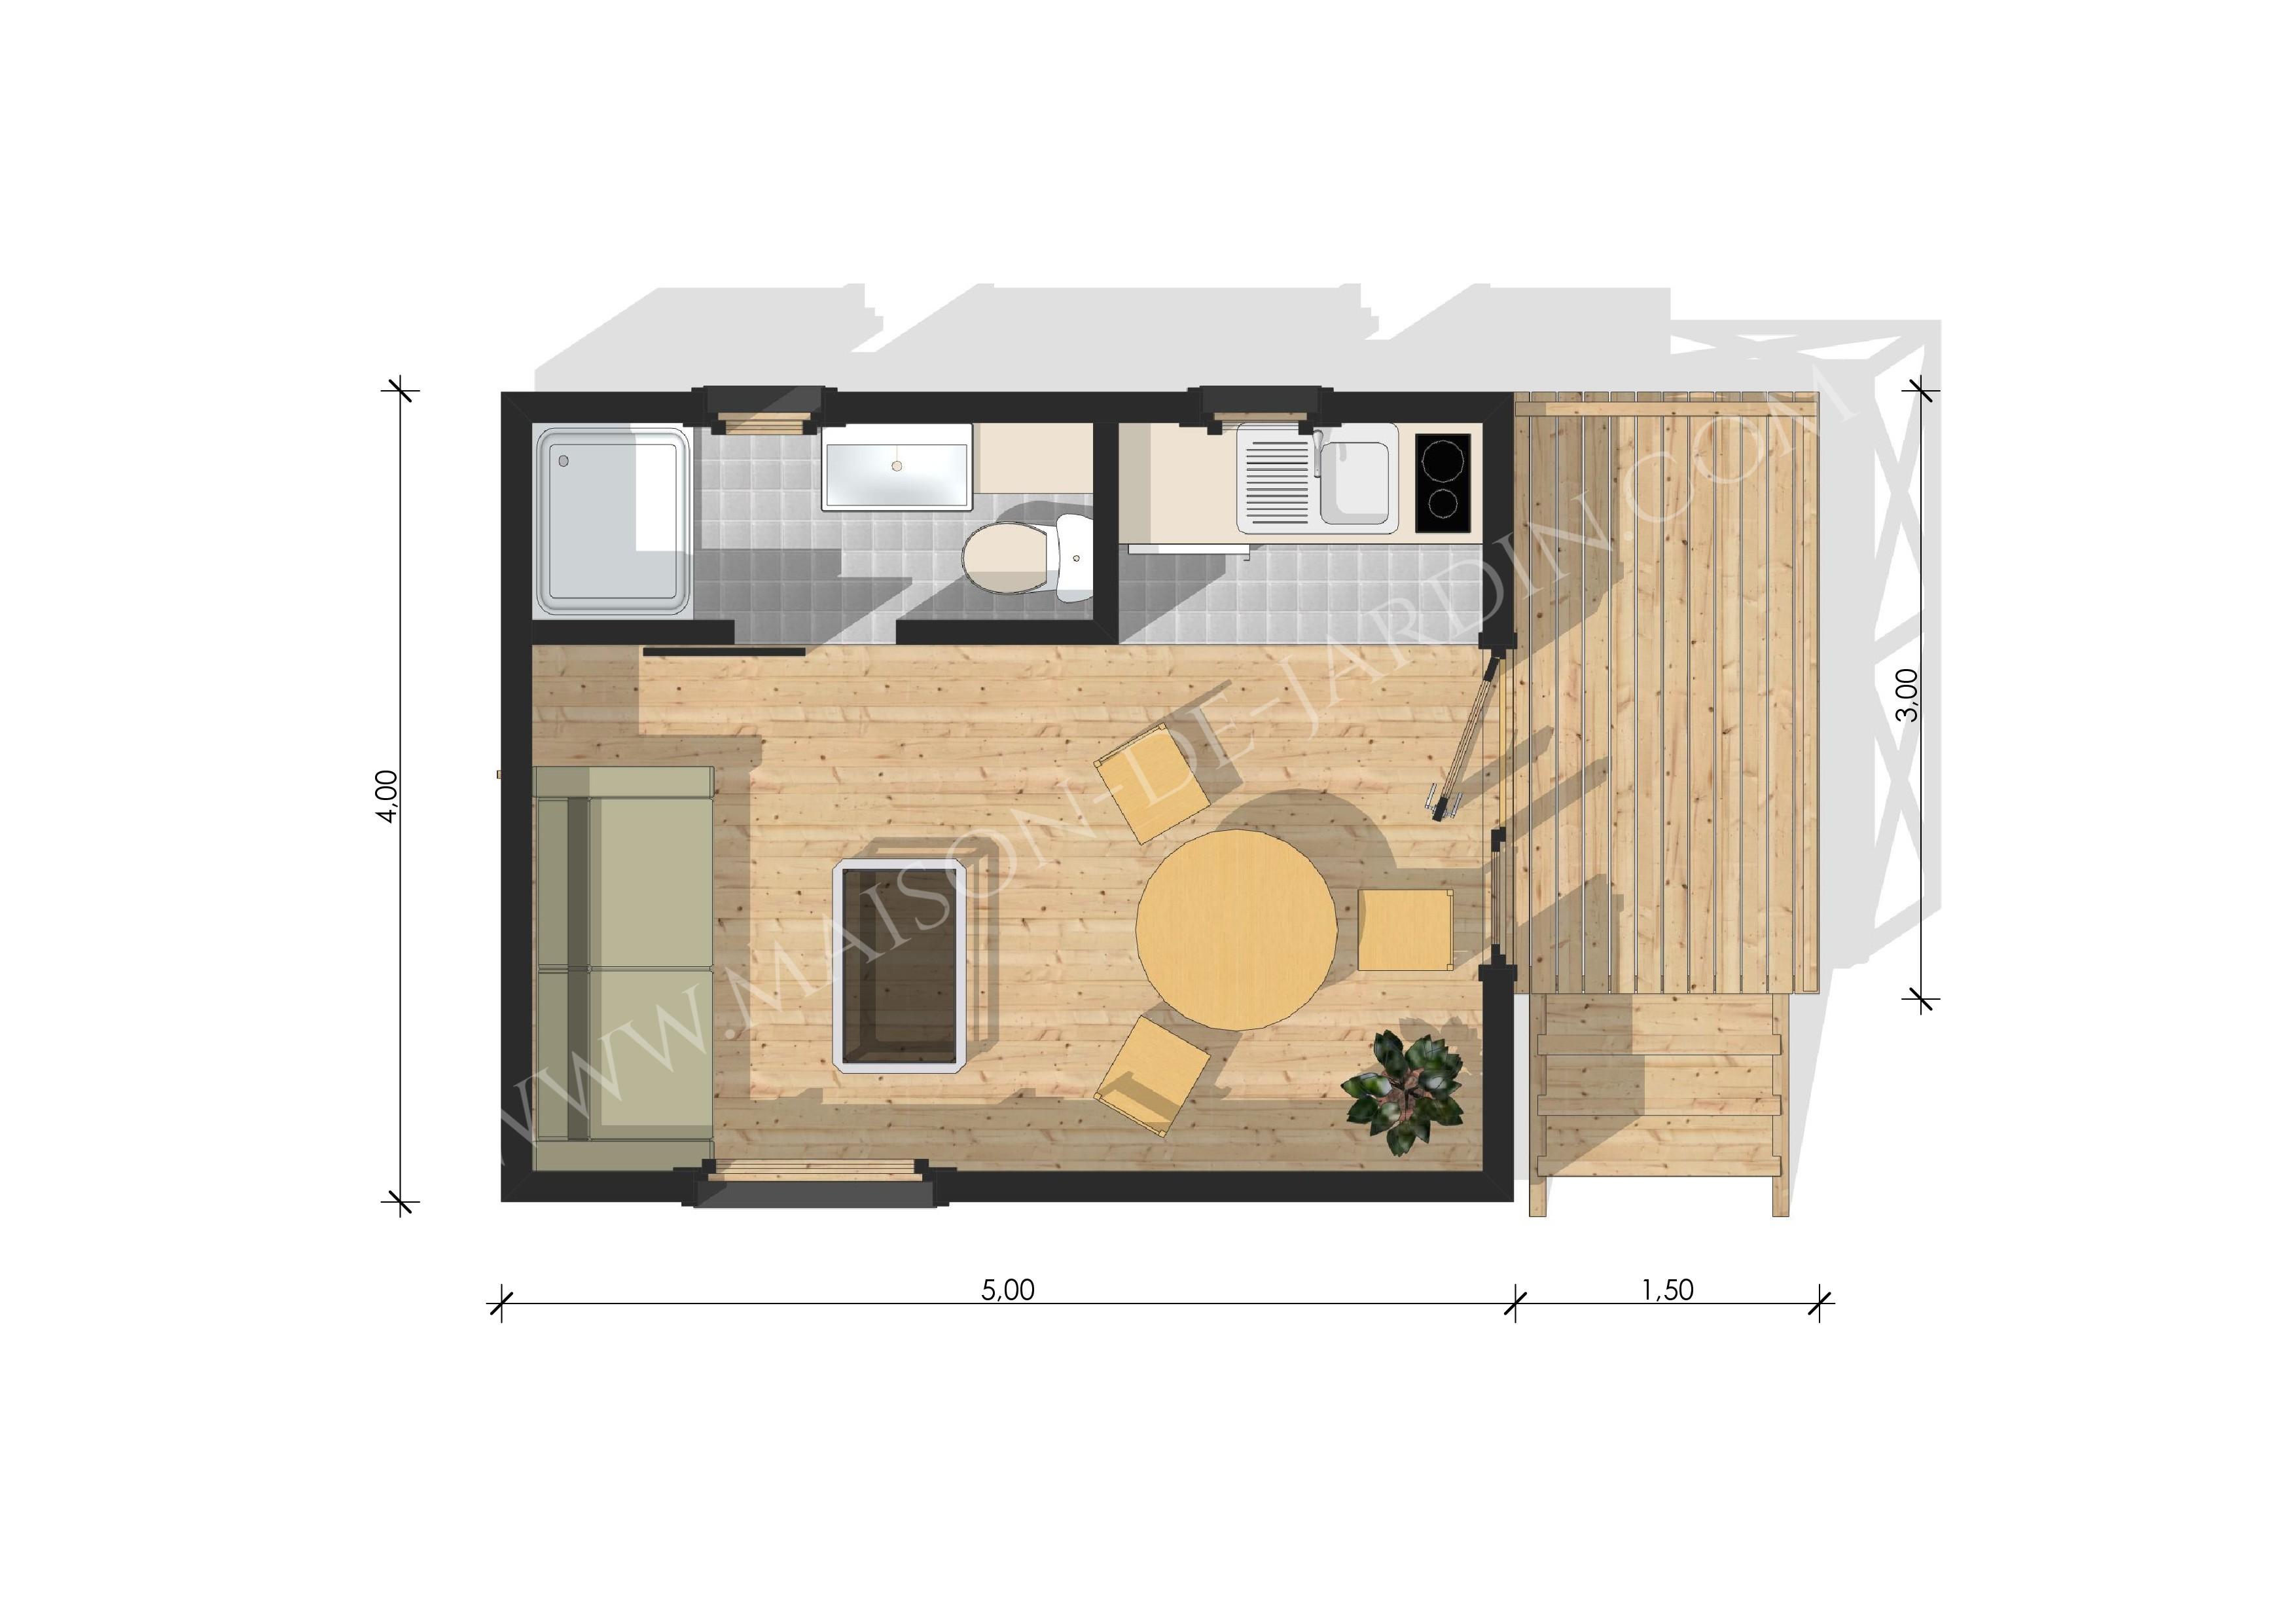 Studio de jardin avec ossature bois yvelines 20 m 24045 for Restaurant yvelines avec jardin